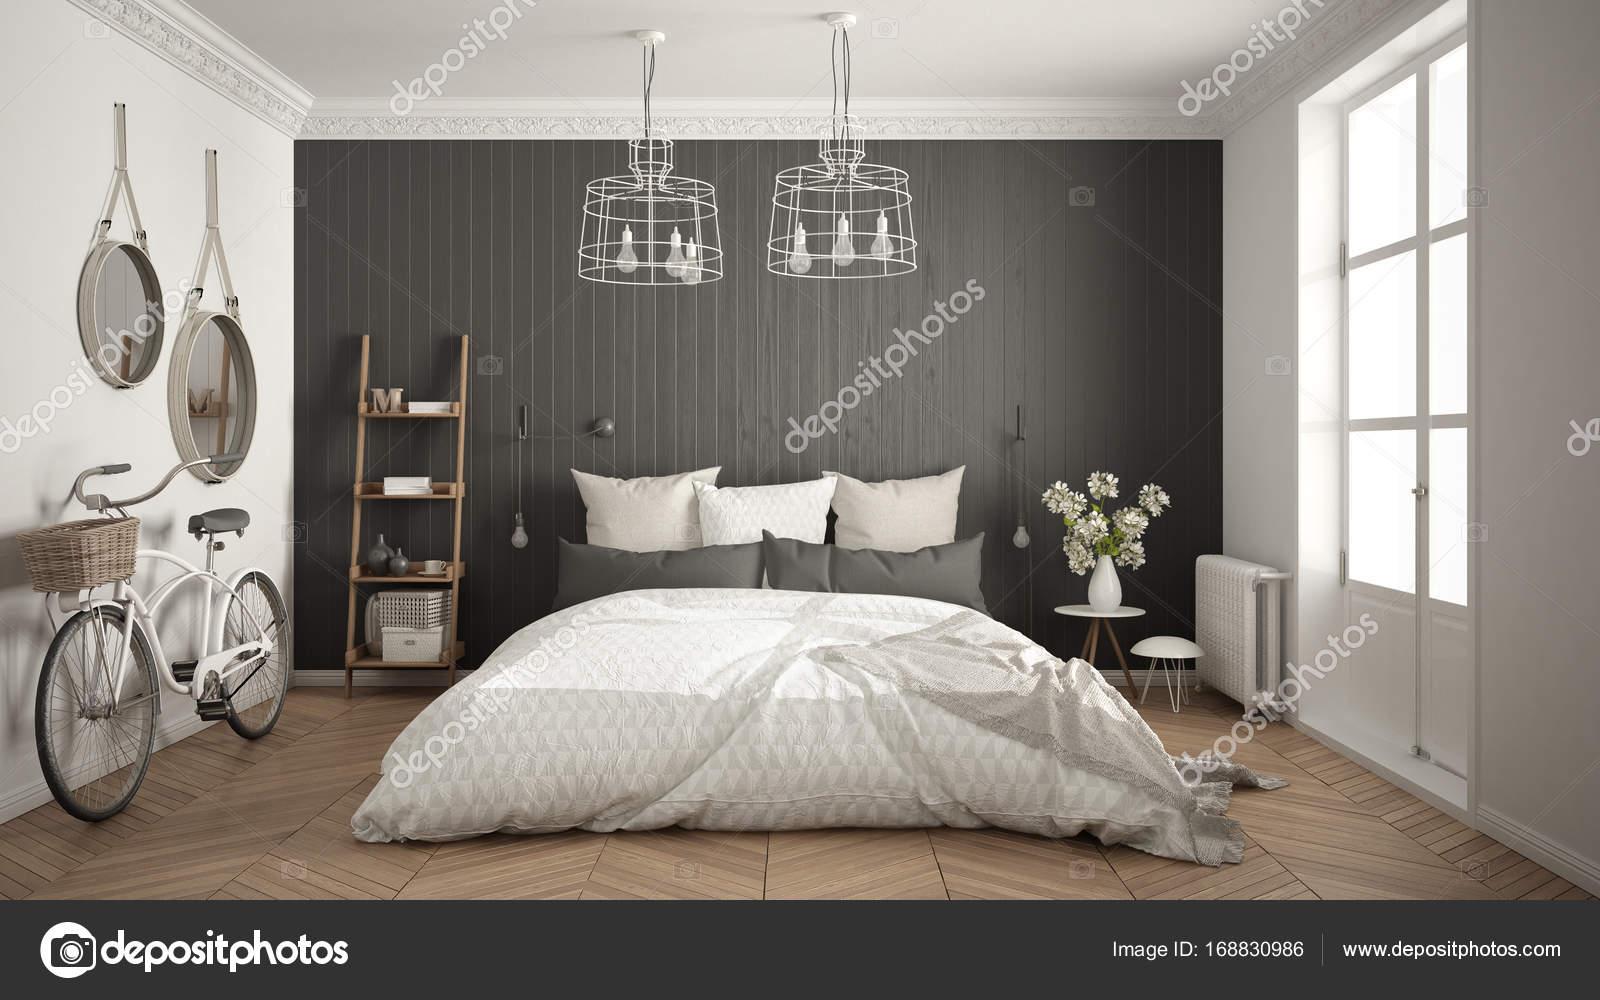 Kleine Minimalistische Slaapkamer : Scandinavische minimalistische slaapkamer met groot raam en visgraat